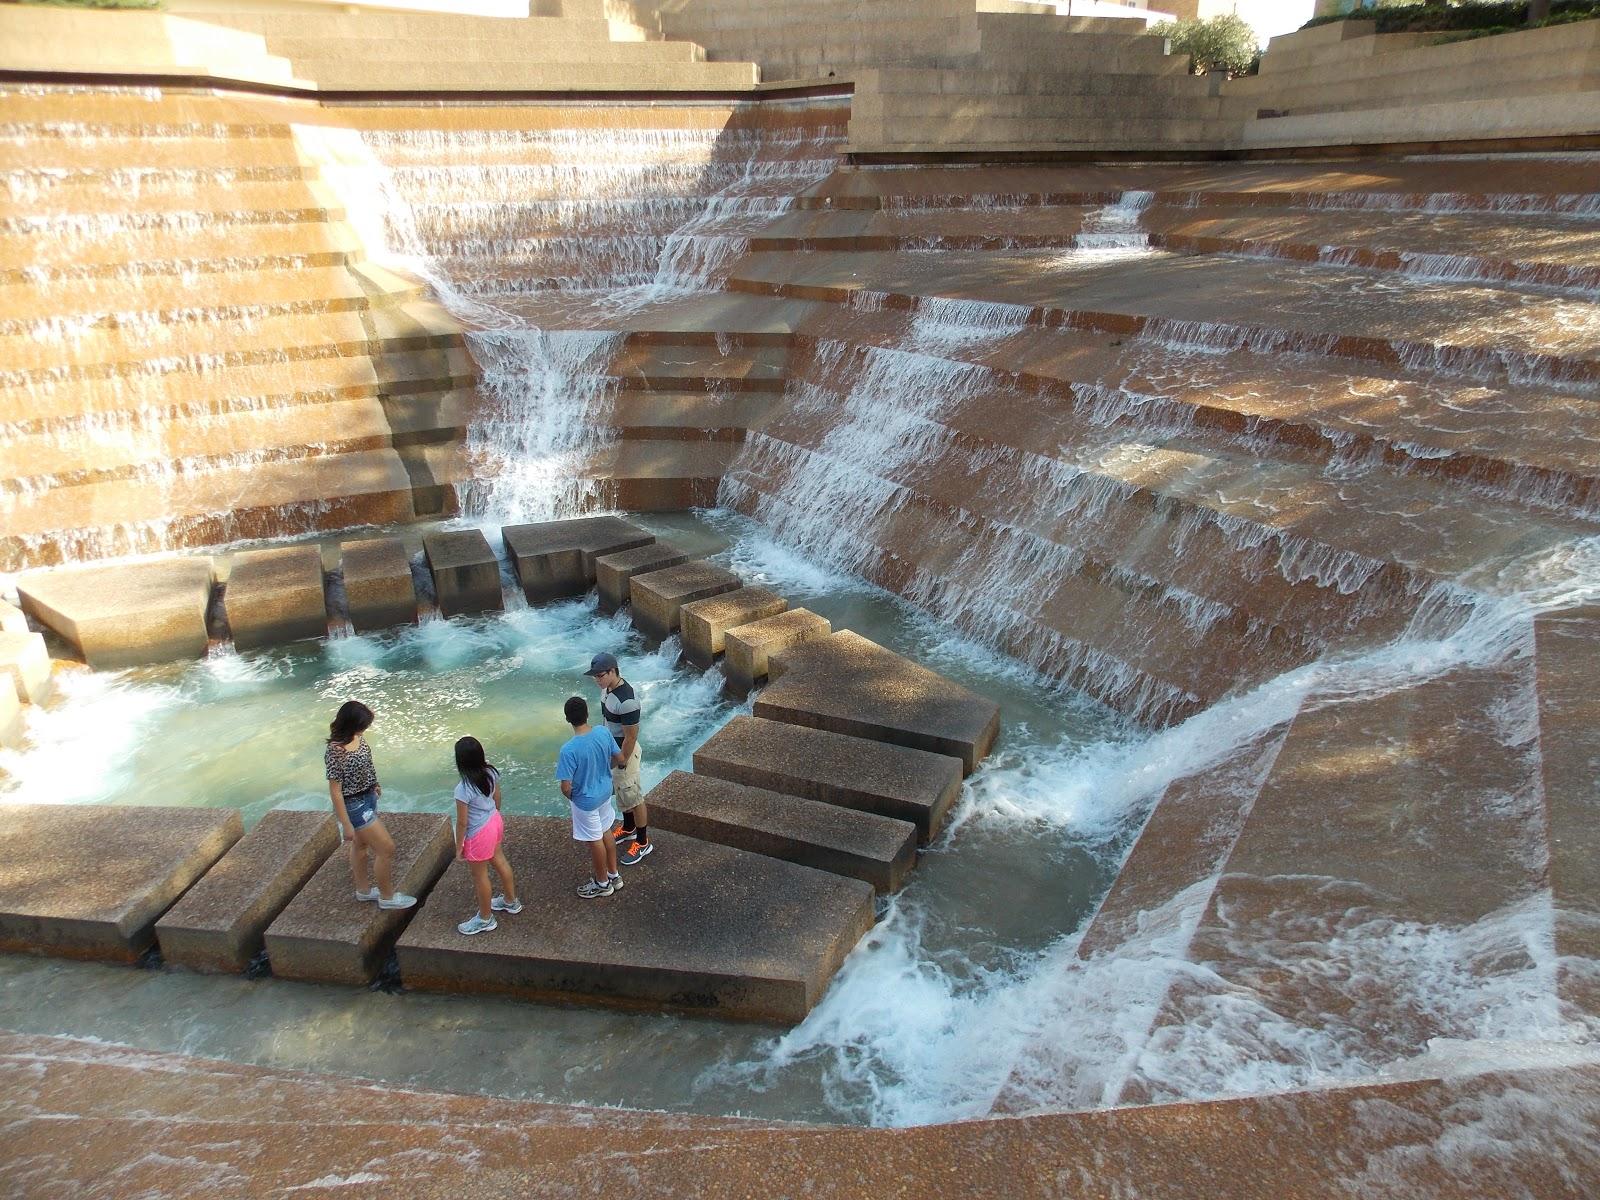 Water Gardens: The Schramm Journey: Fort Worth Water Gardens